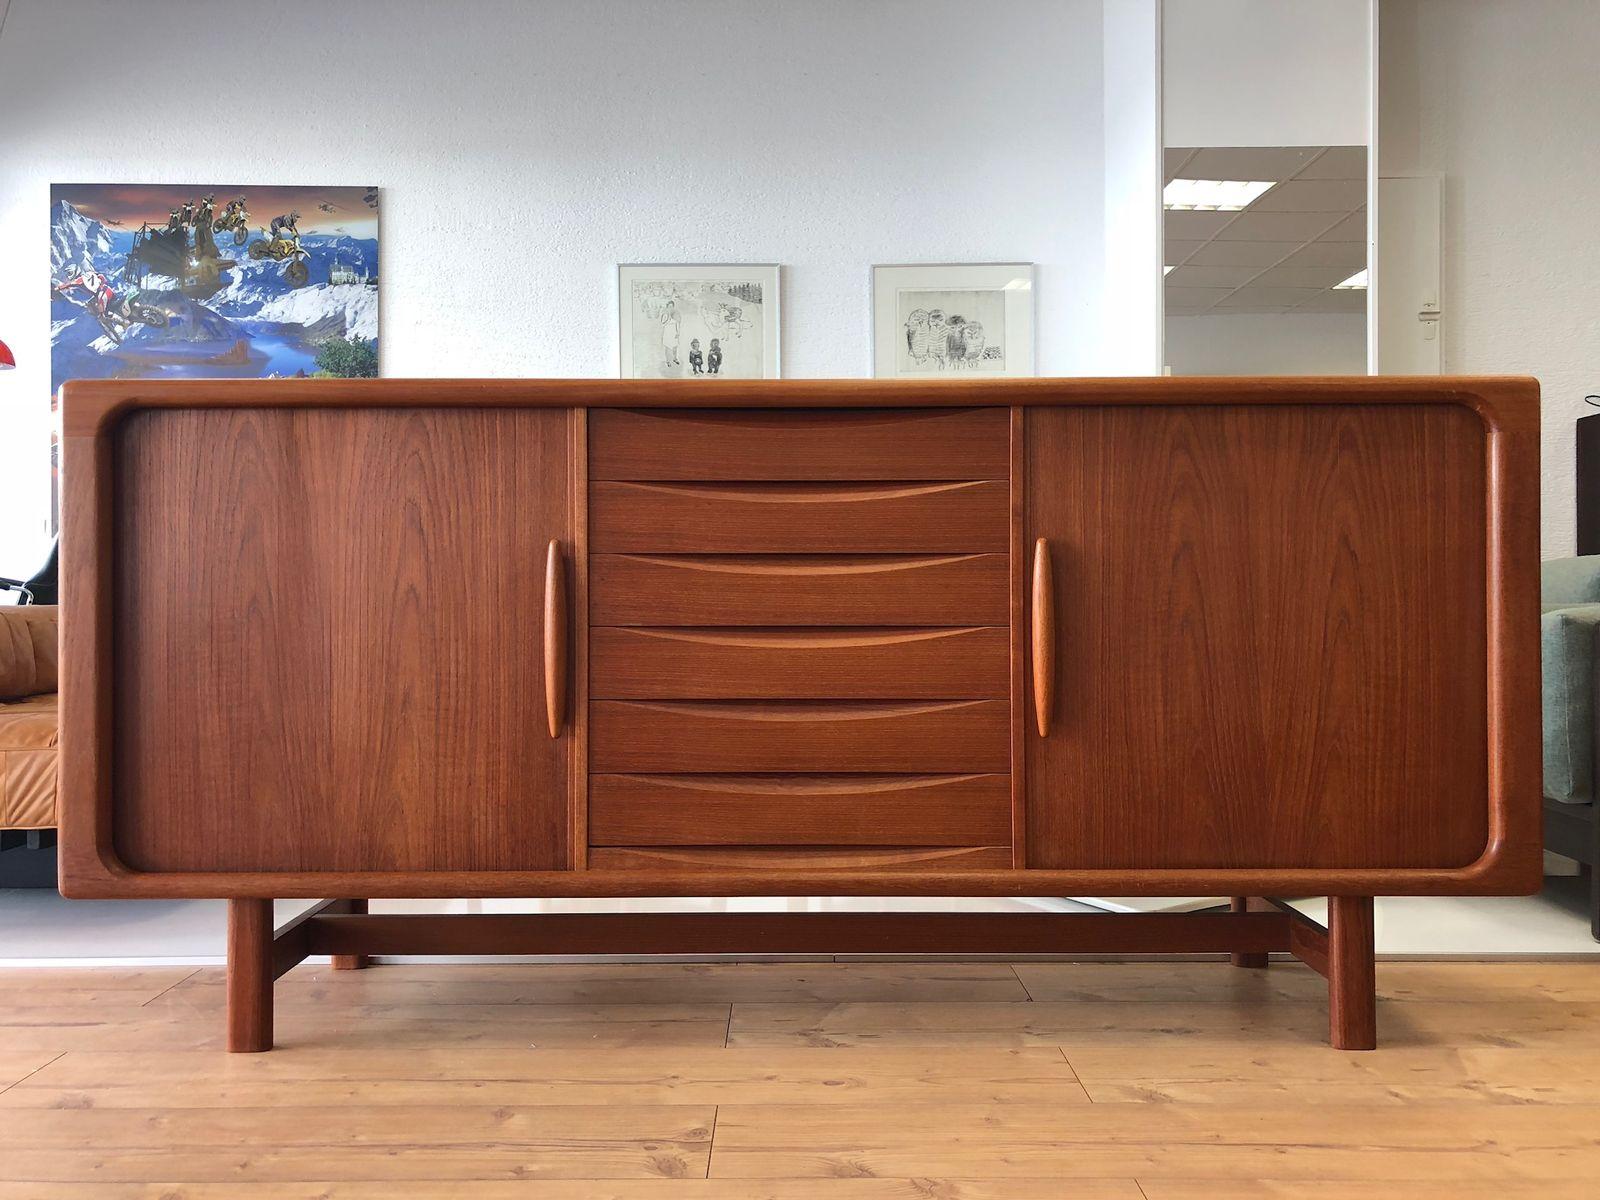 D nisches teak sideboard von dyrlund 1970er bei pamono kaufen for Sideboard danisches design